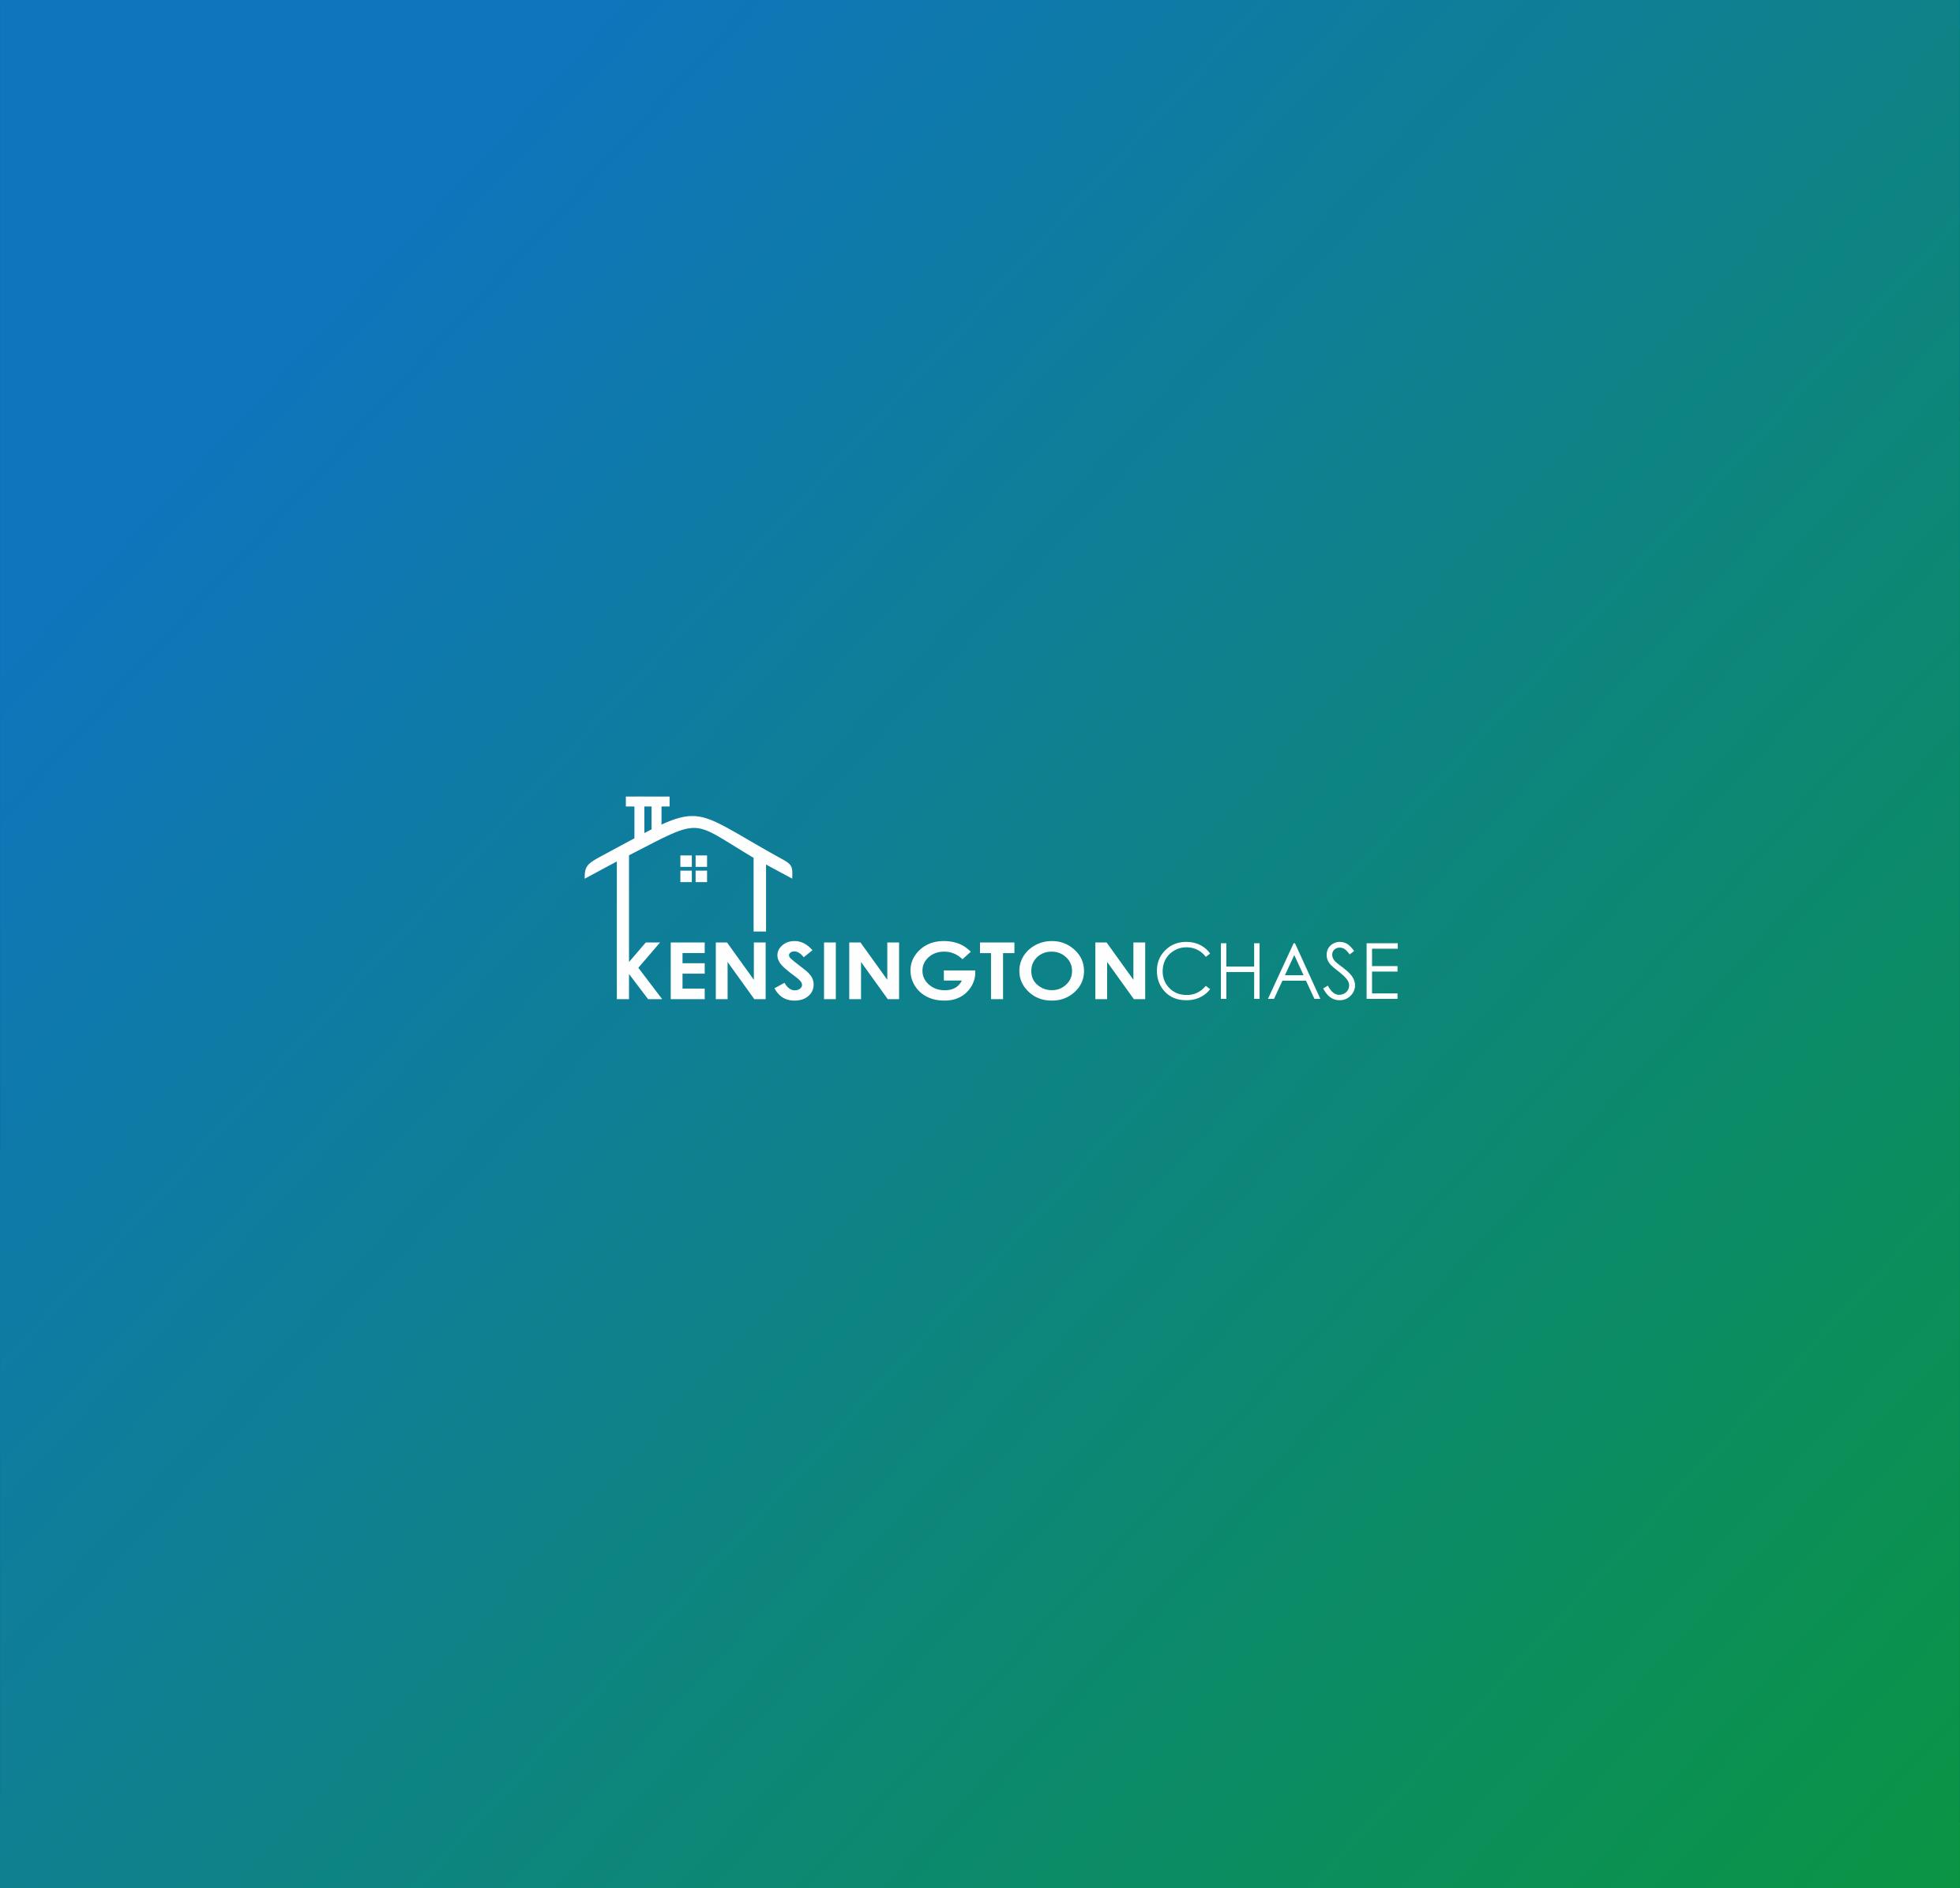 Logo Design by Greenleaf Design - Entry No. 82 in the Logo Design Contest Kensington Chase  Logo Design.